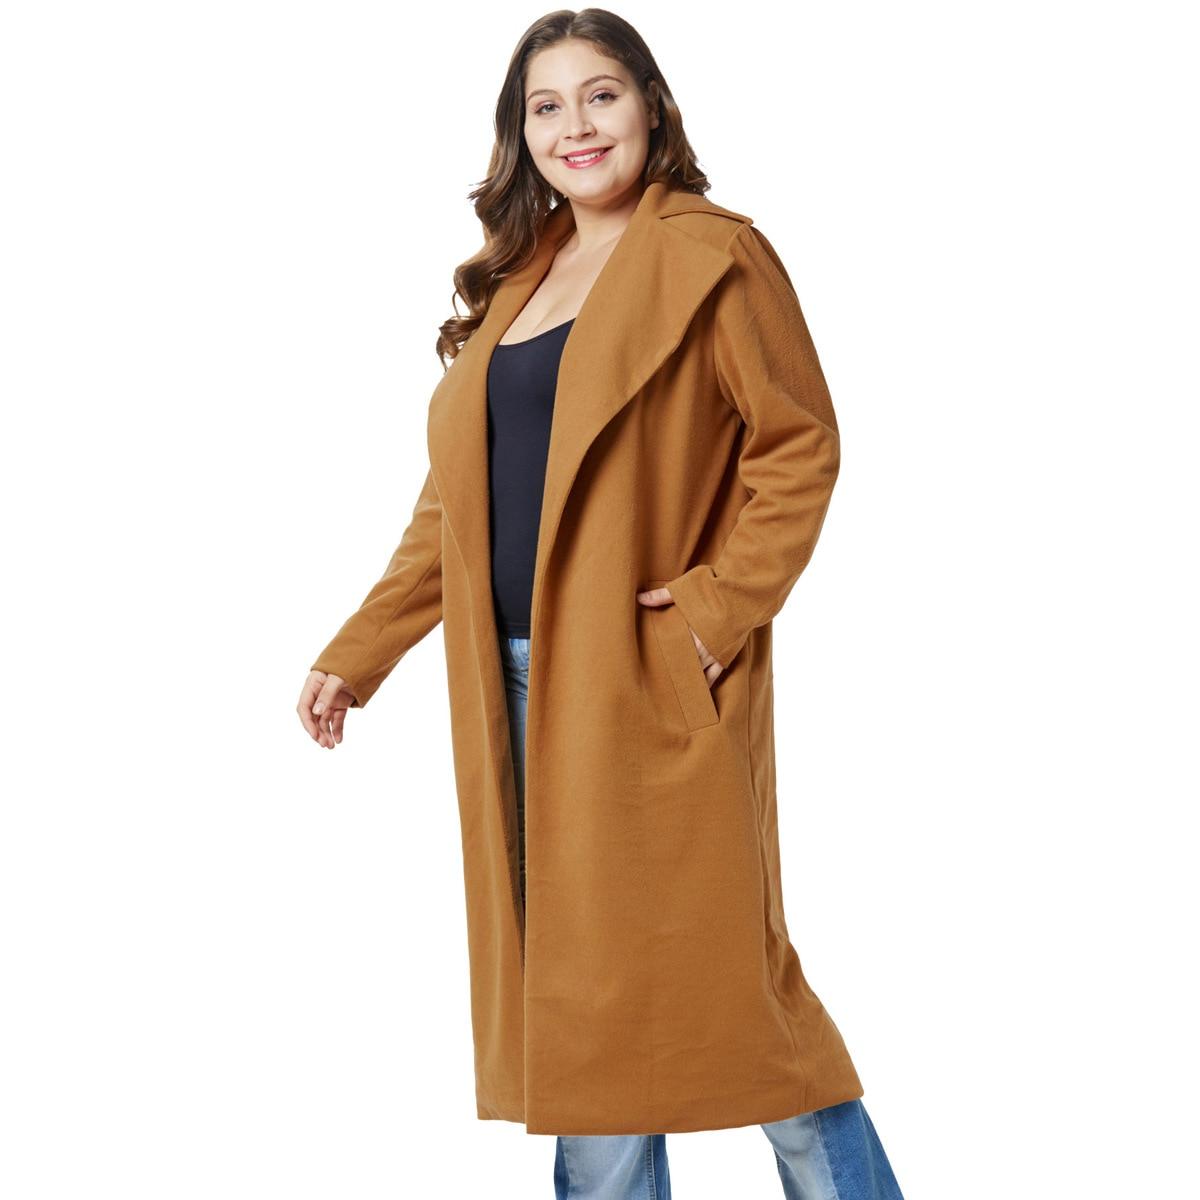 360c423a6e0 Nouvelle-tendance-femmes-pardessus-de-graisse-d-hiver-costume-Revers-longue-veste-de- laine-croix-fronti.jpg